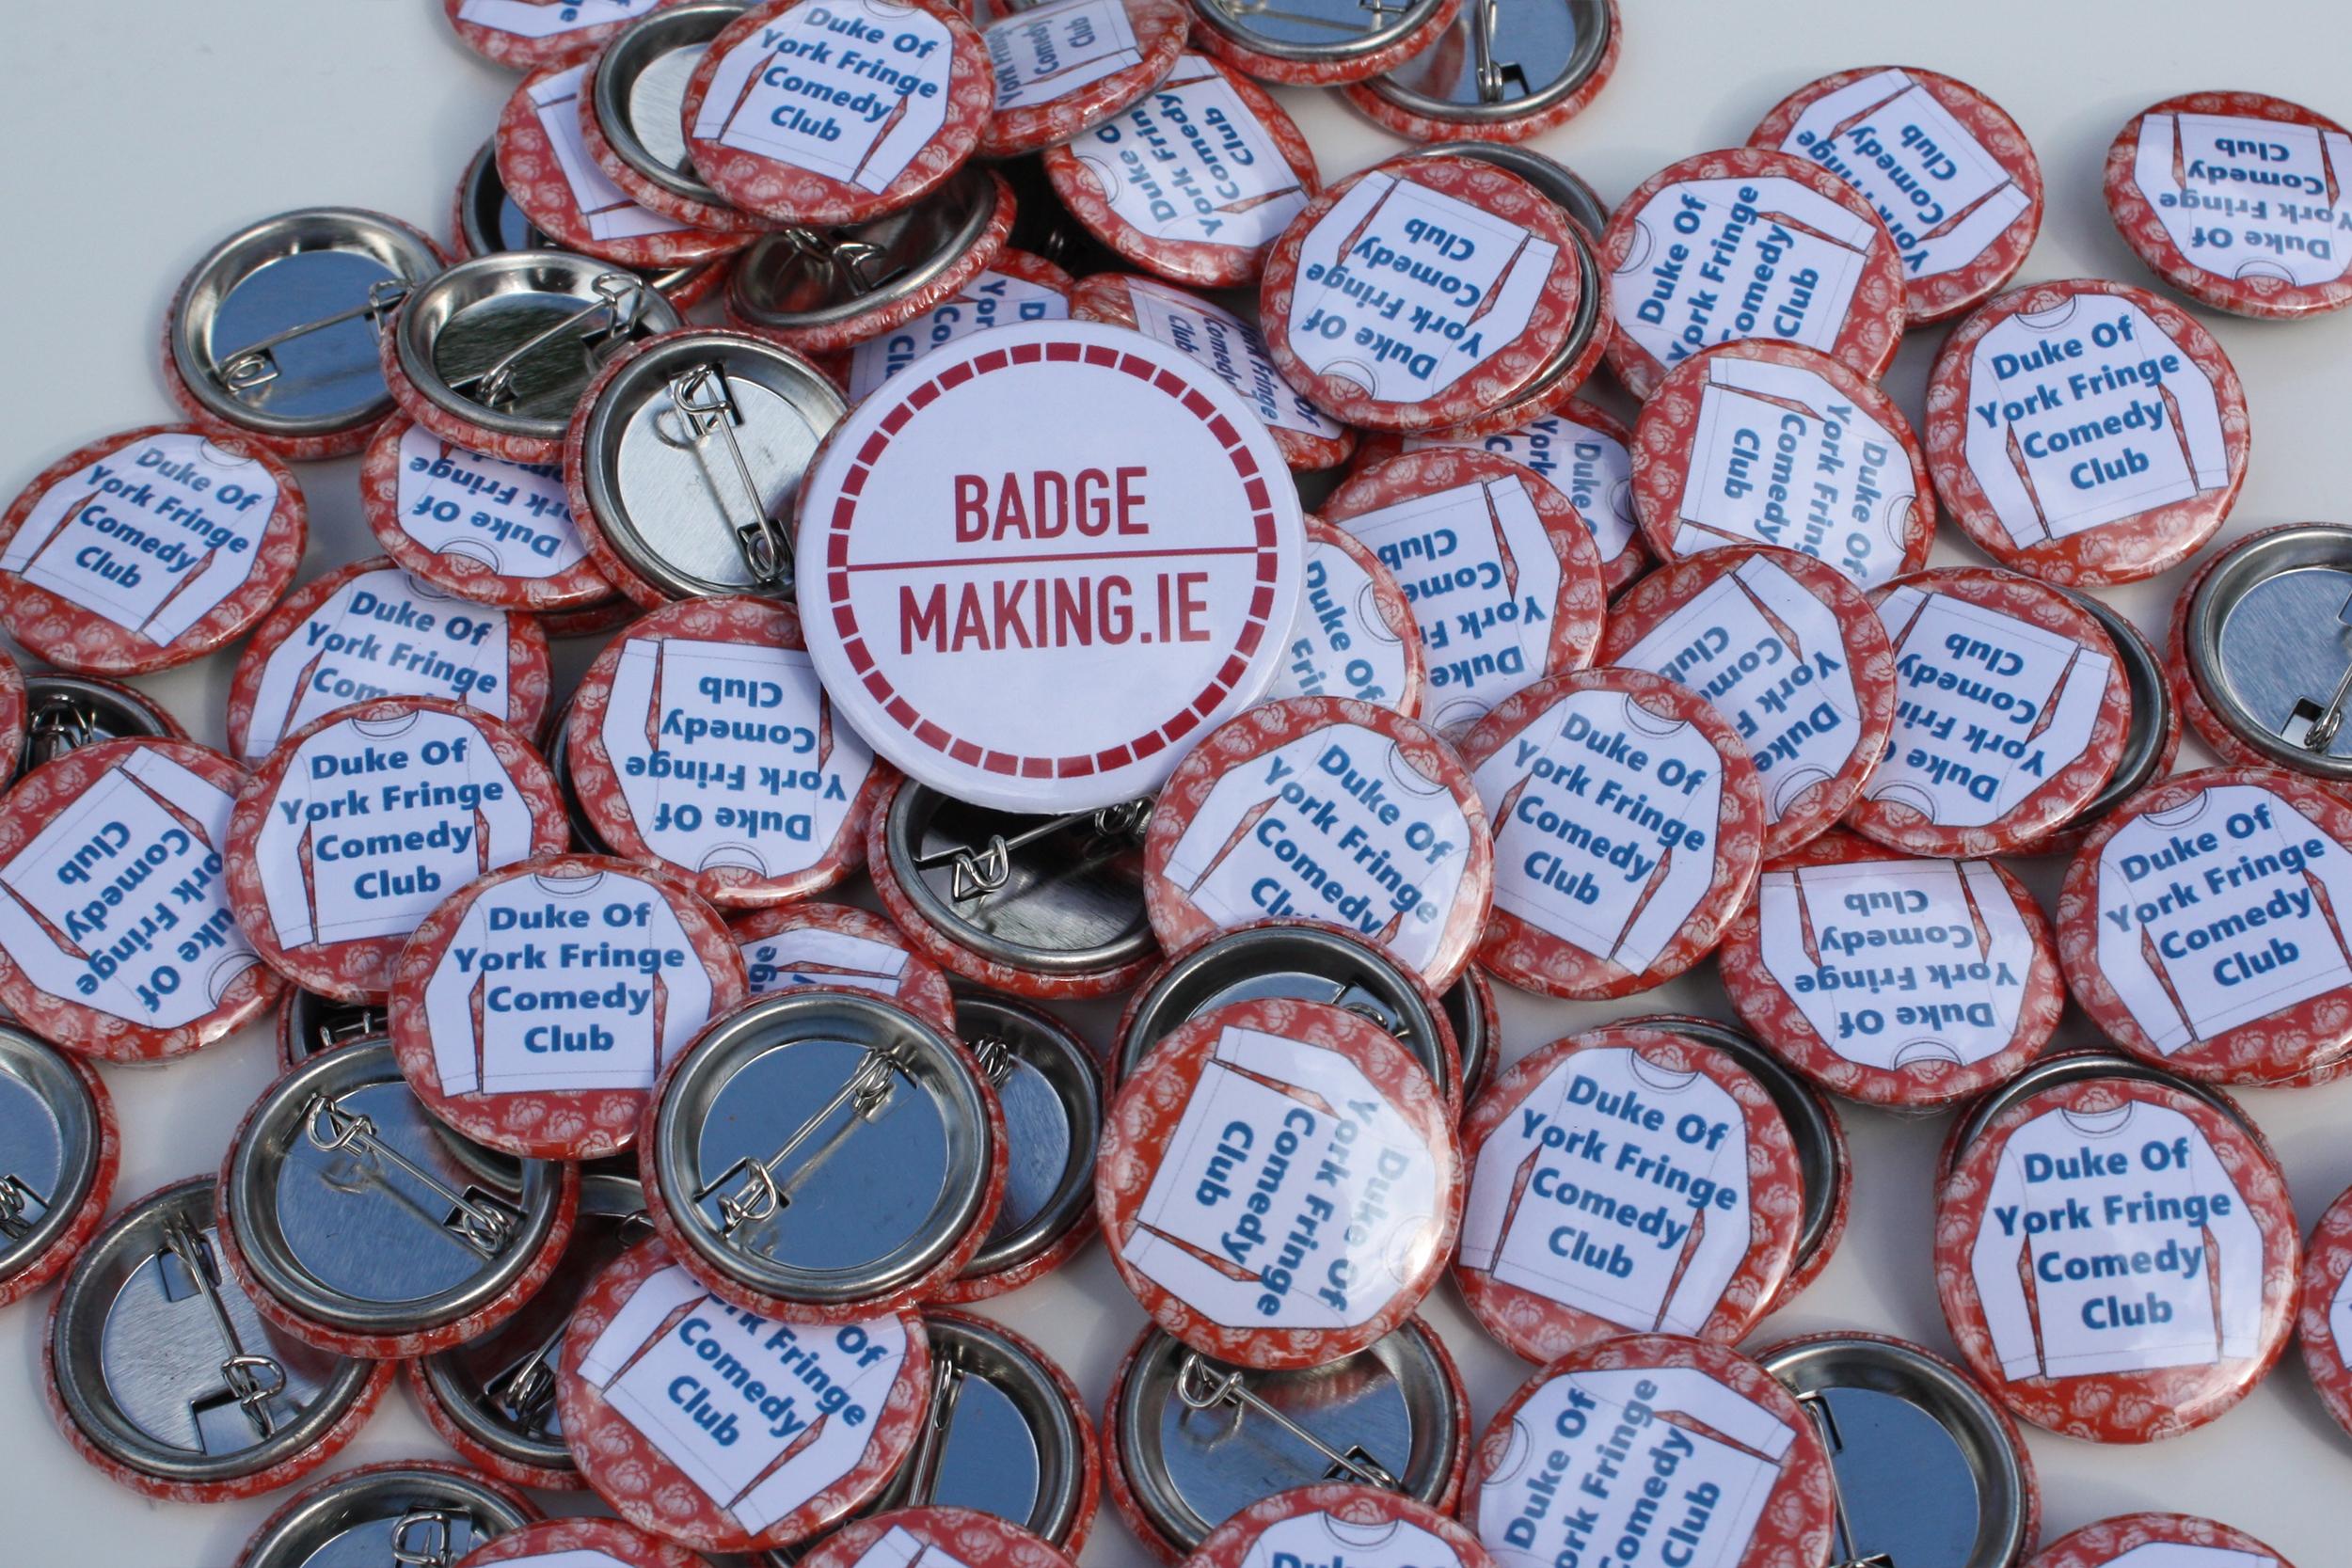 25mm badges for the Duke of York Fringe Comedy Club